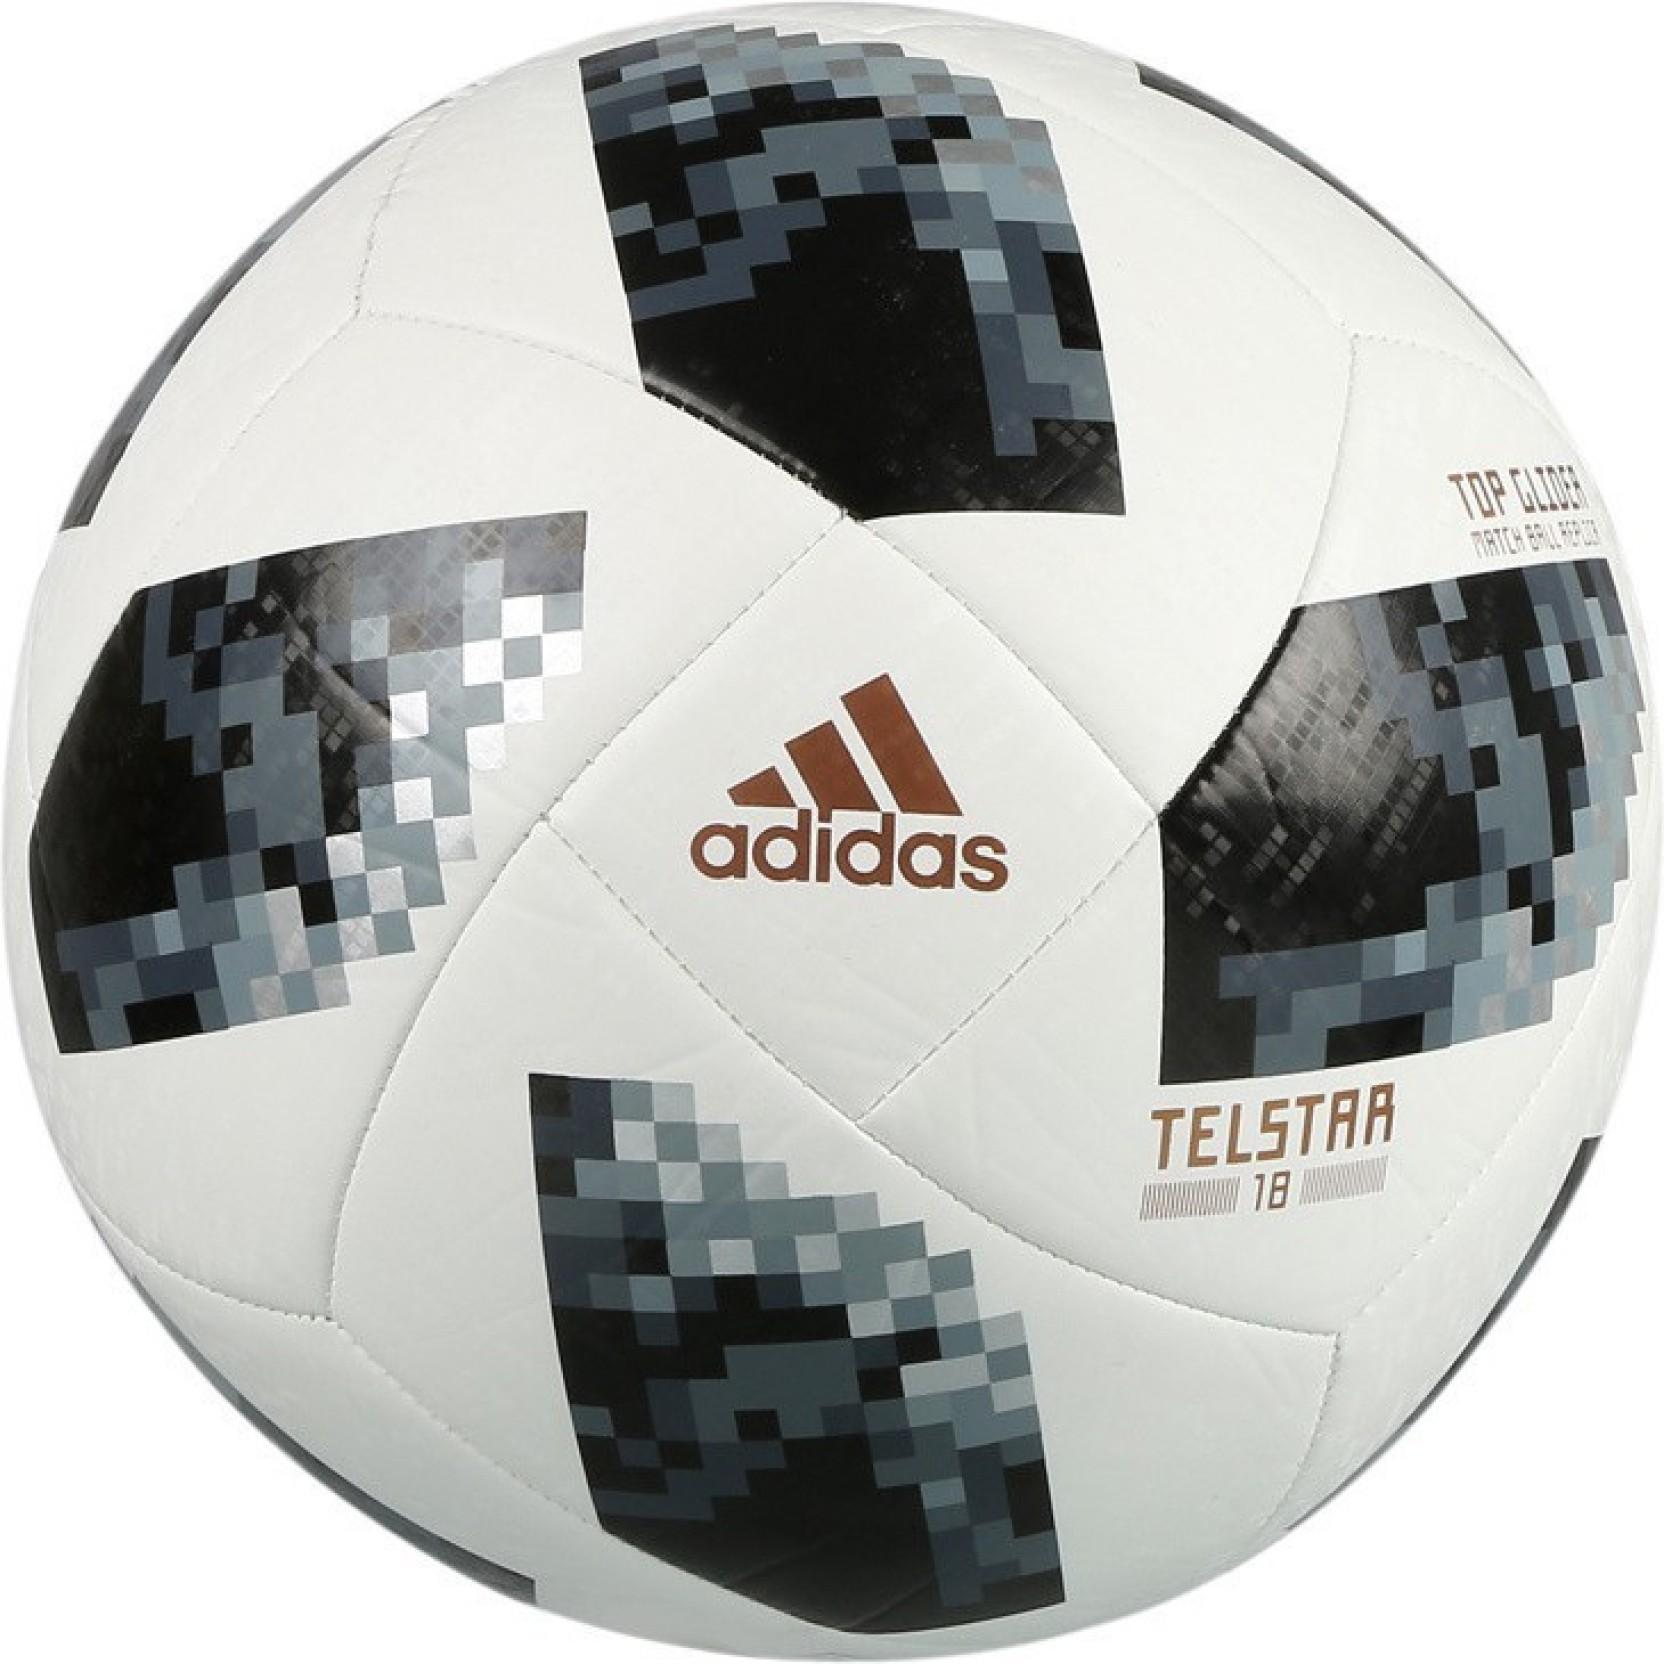 04627ea59 ADIDAS WORLD CUP TGLID Football - Size: 5 - Buy ADIDAS WORLD CUP ...